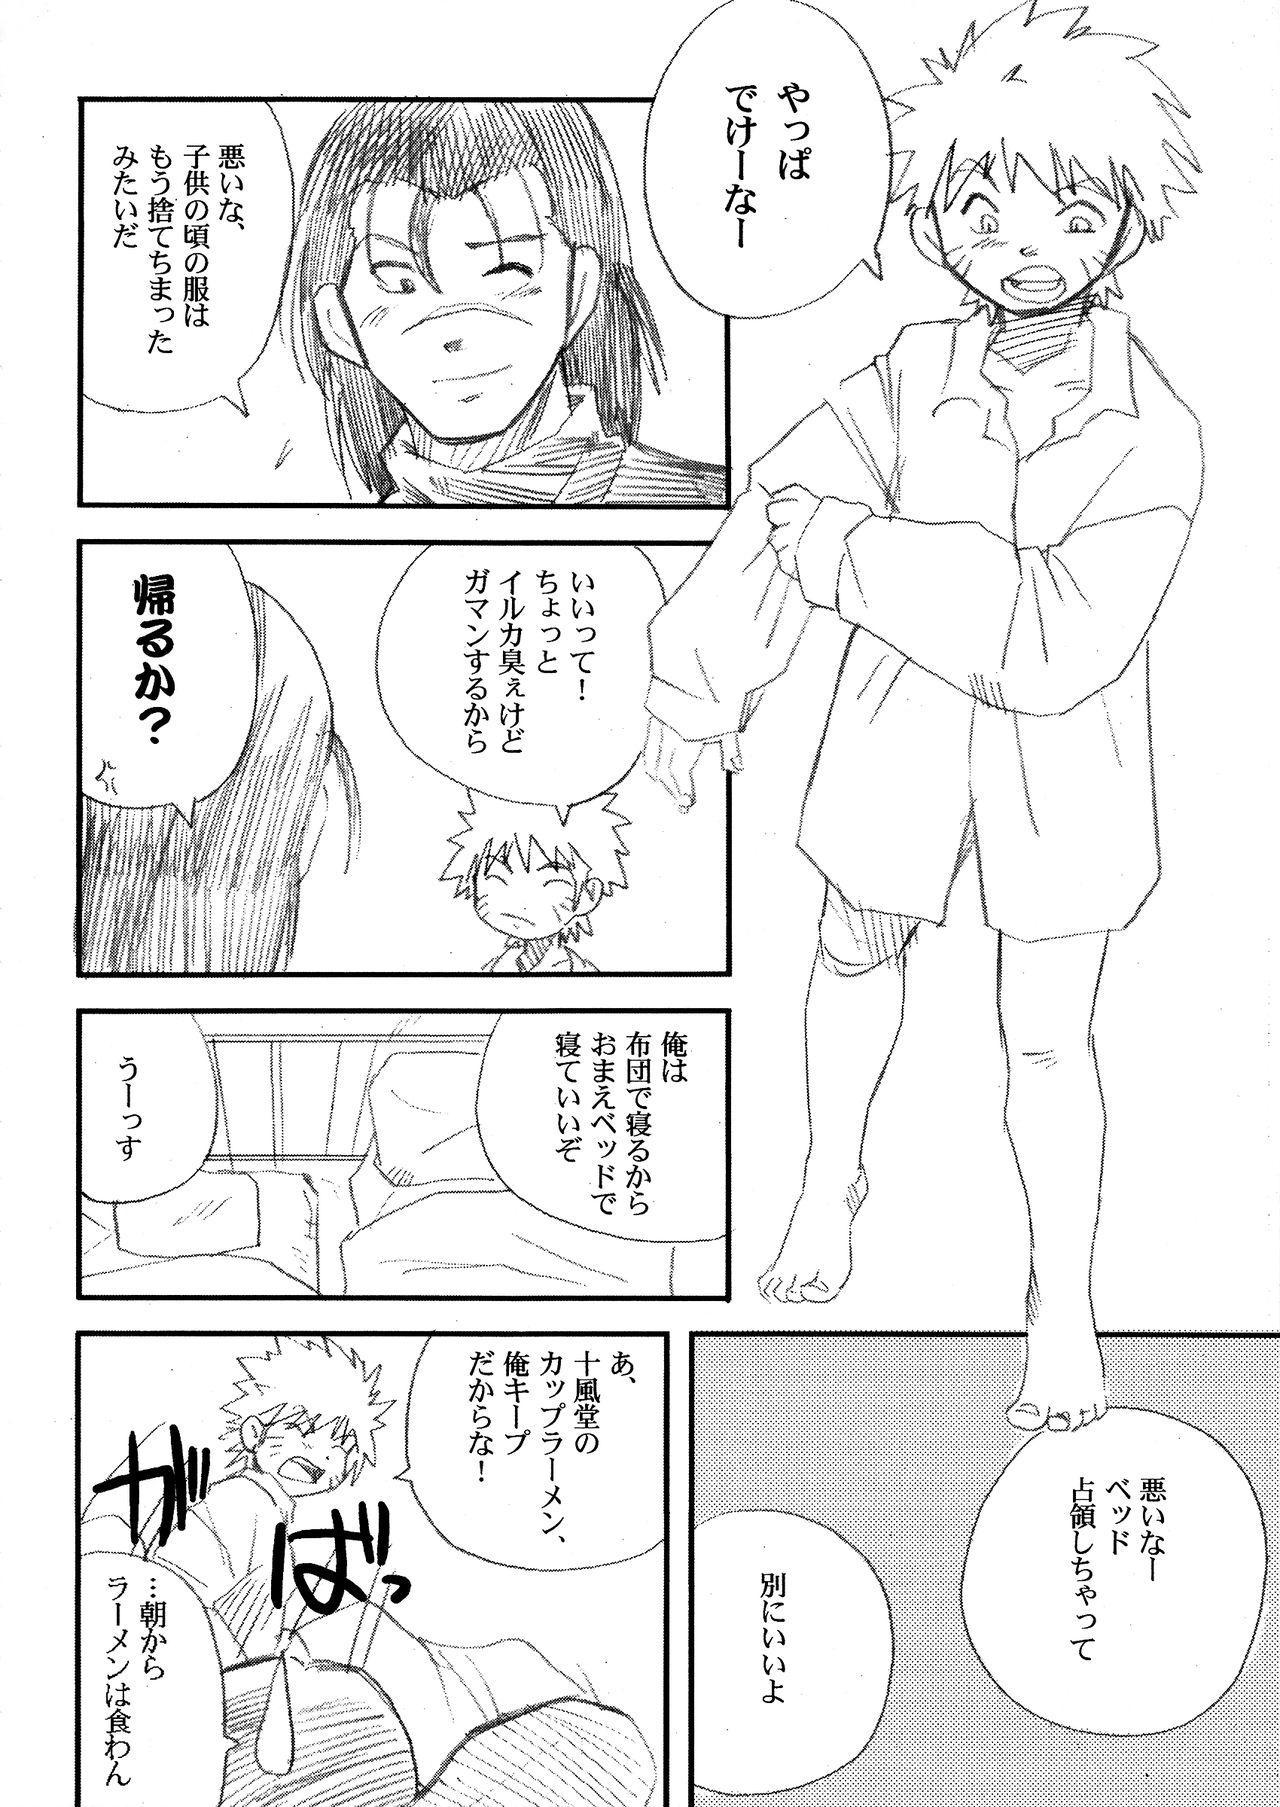 IruNaru no Wadachi 8